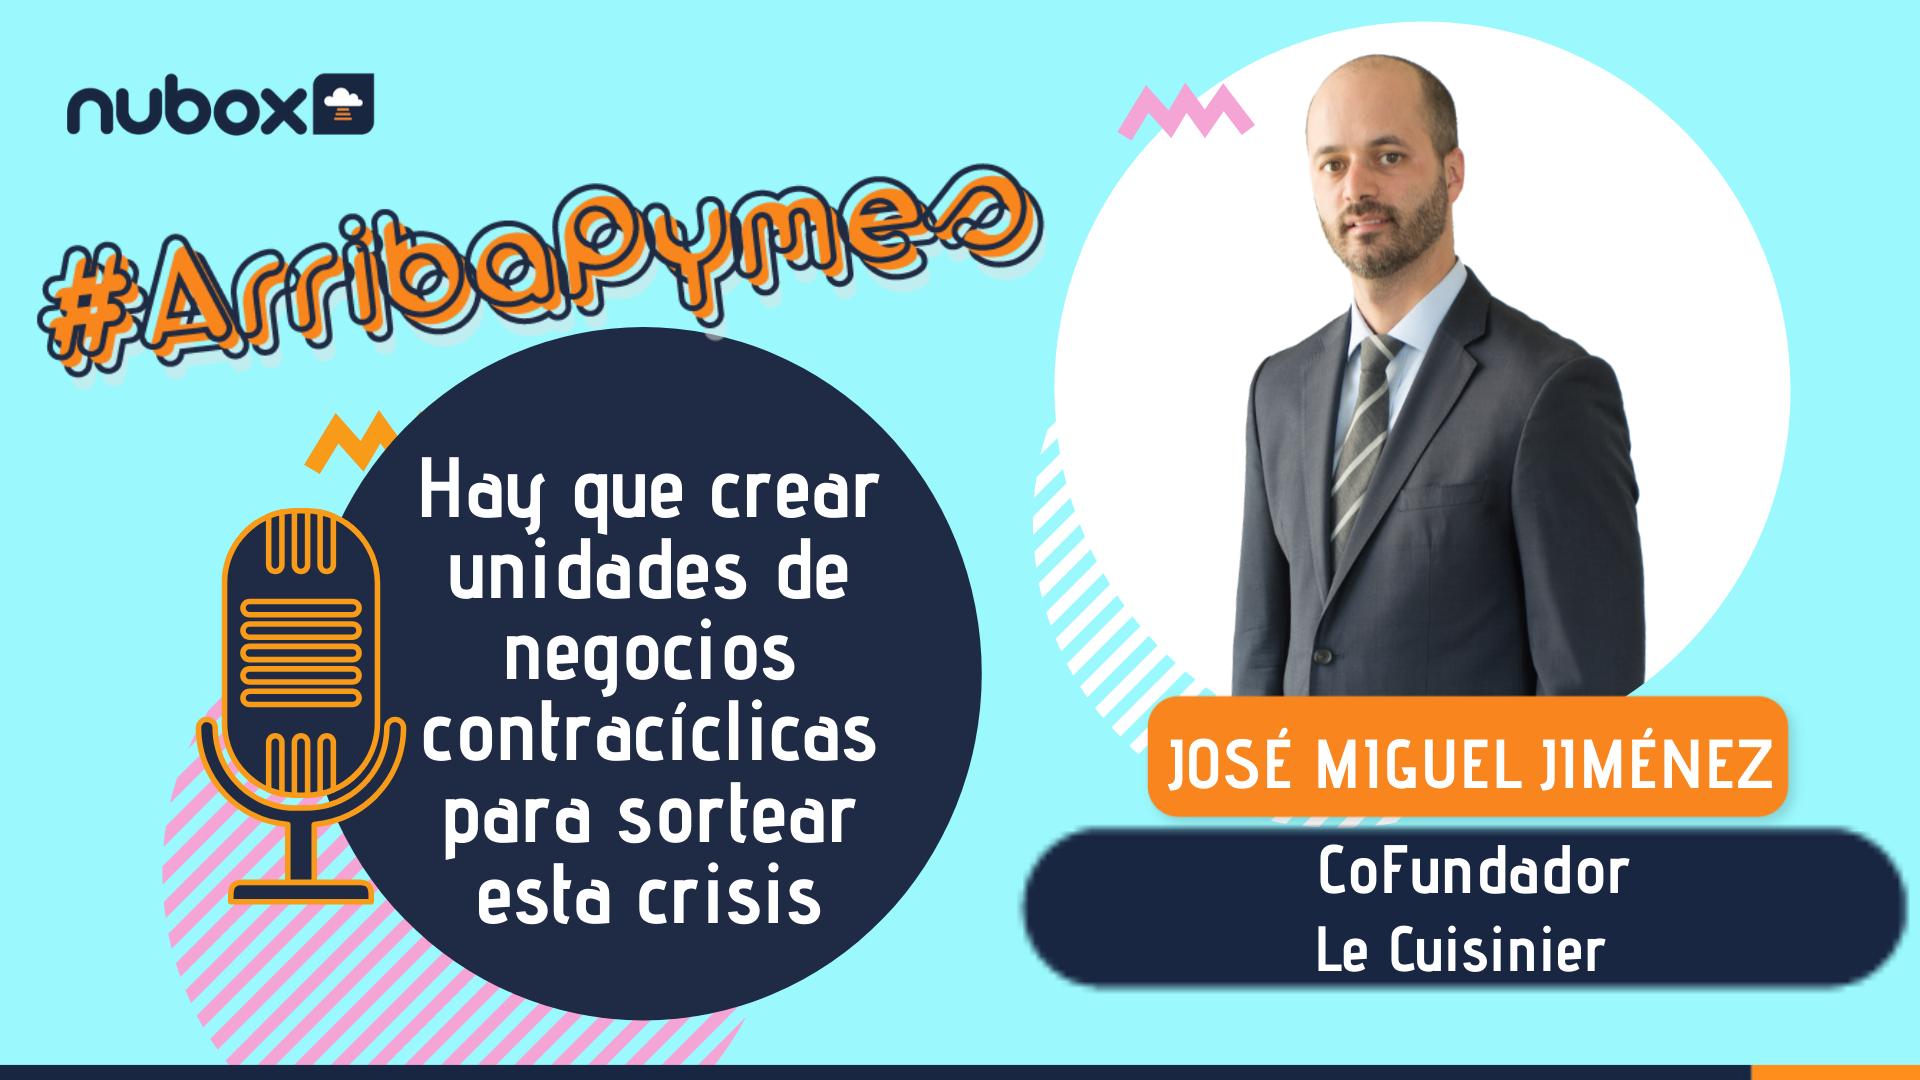 [Podcast #4] José Miguel Jiménez: Hay que crear unidades de negocios contracíclicas para sortear esta crisis